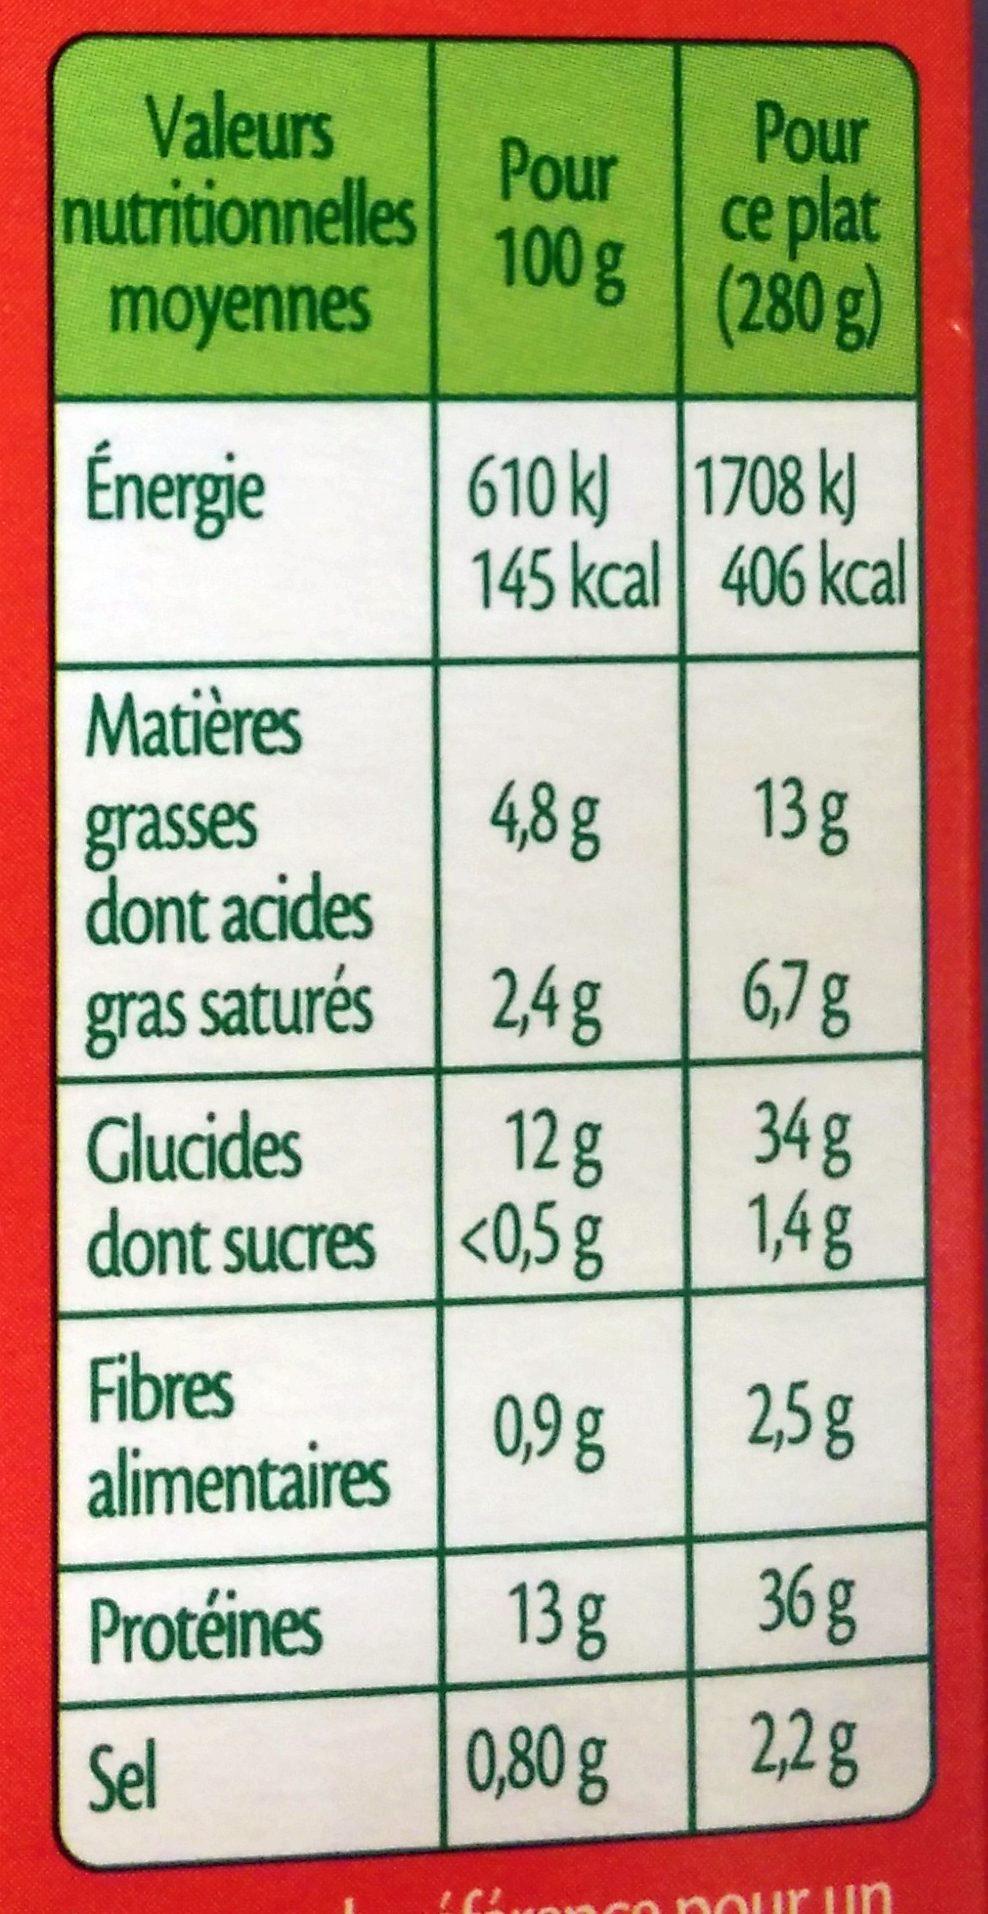 Poulet jus au thym, risotto champignons et parmesan - Informations nutritionnelles - fr